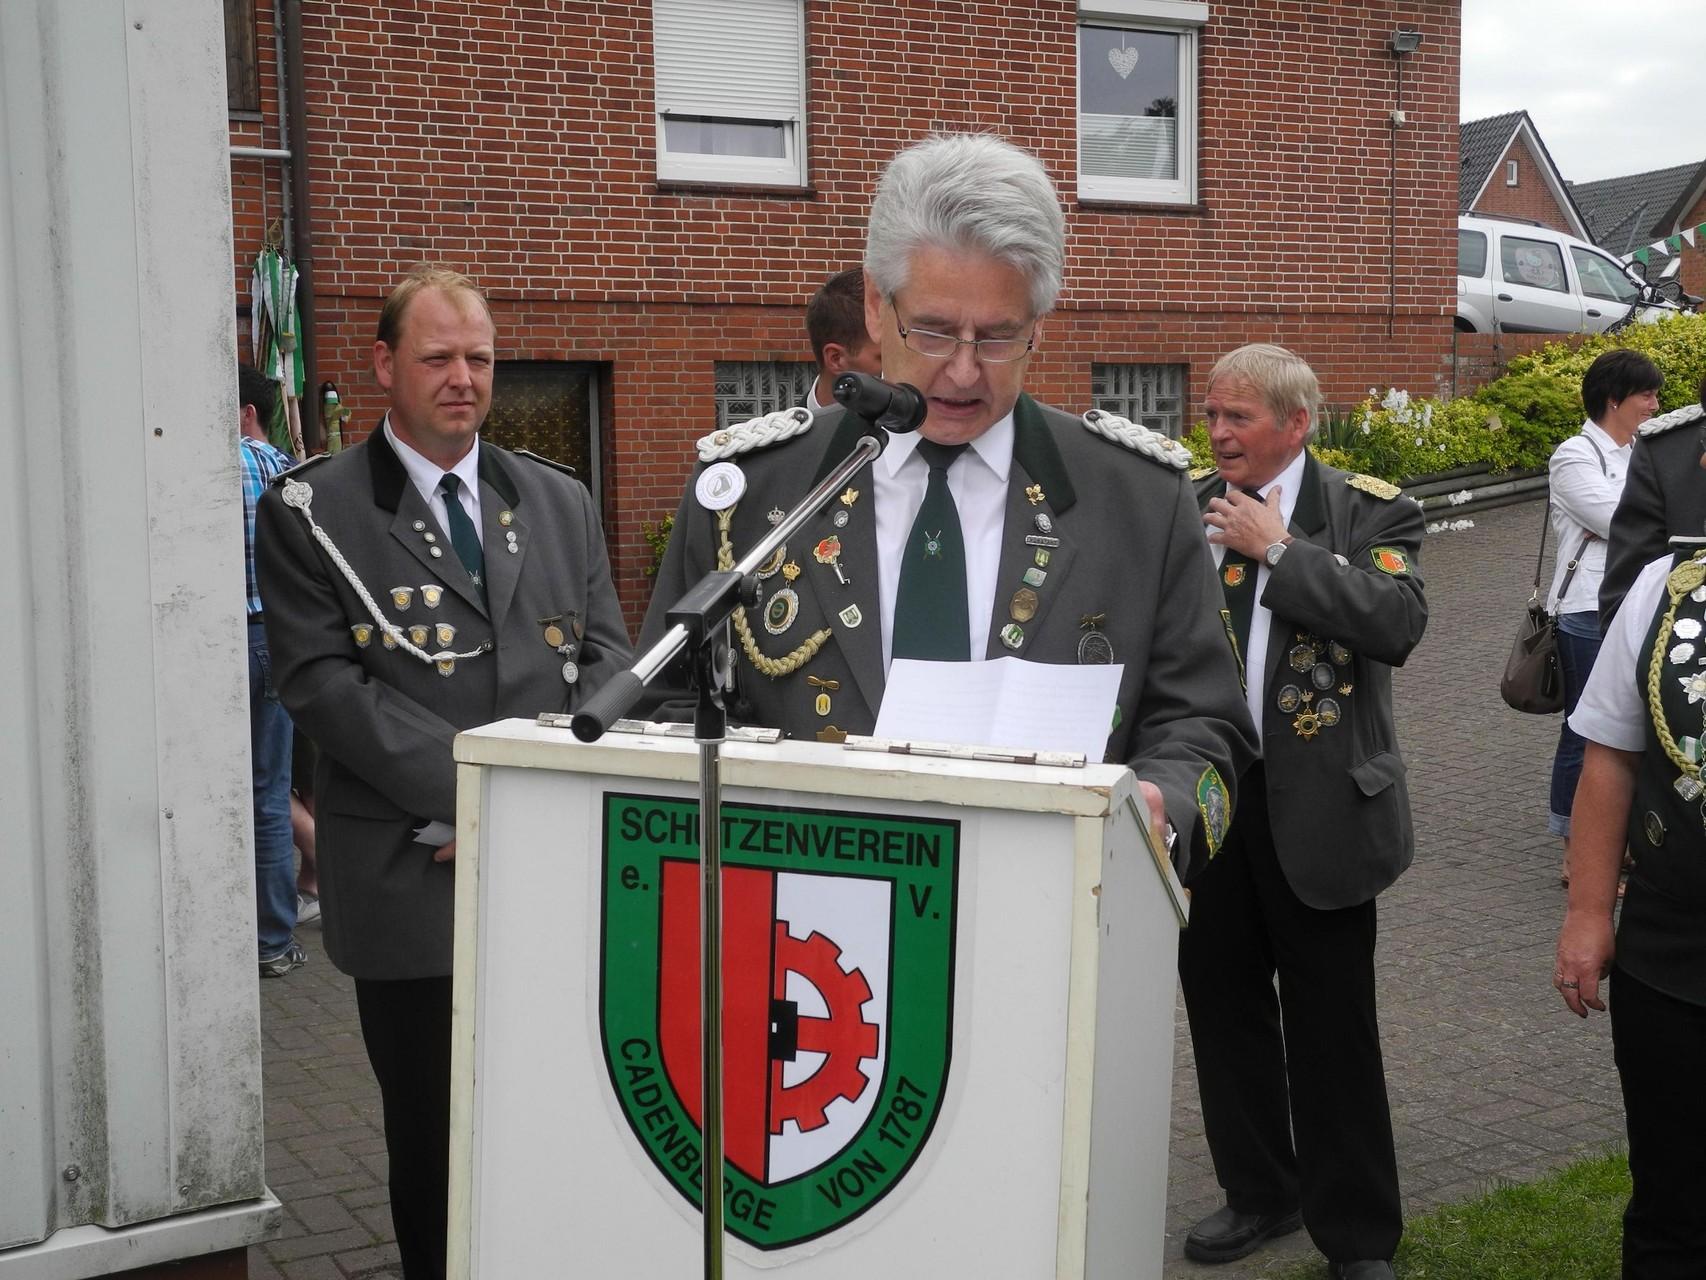 Überleitung zur Ehrung von Präsident Wolfgang Tiedemann. Foto: Jürgen Bauer